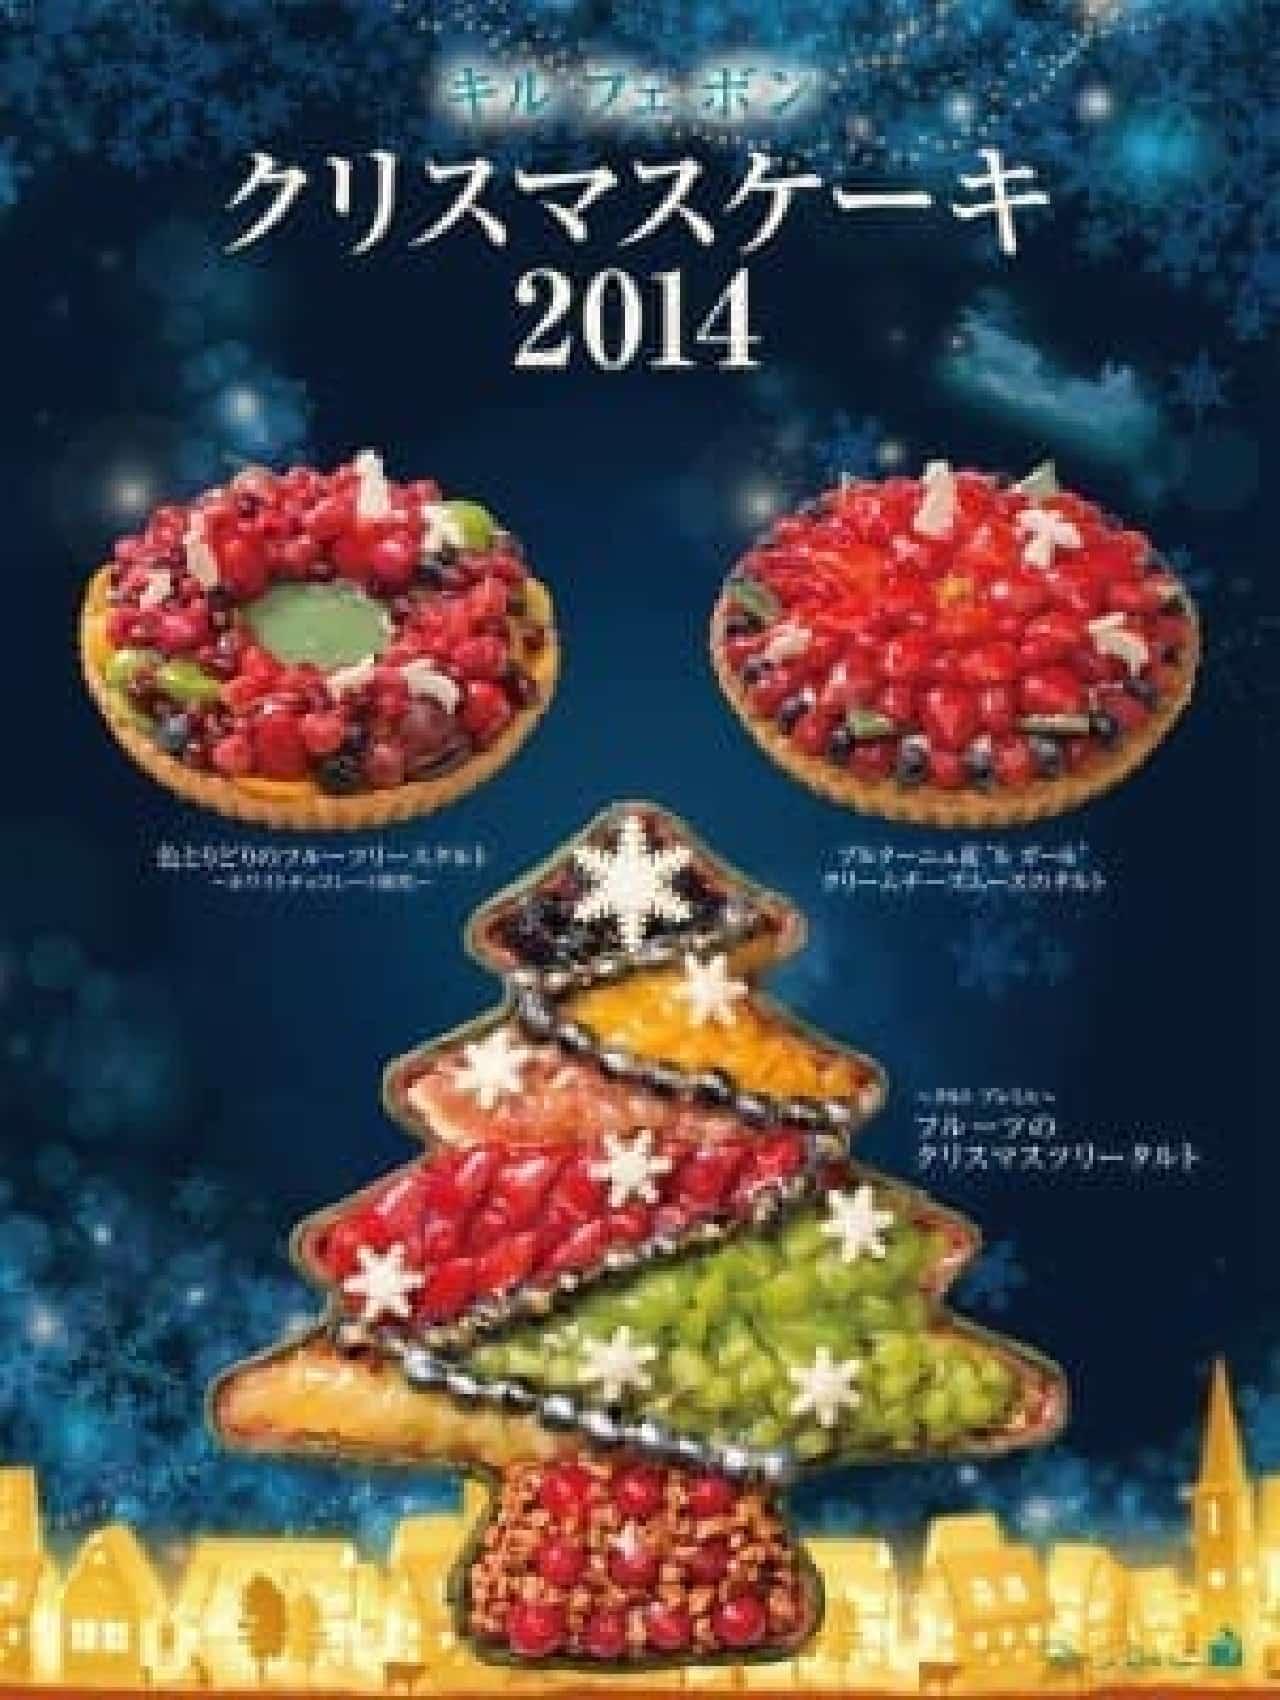 かわいいタルトが3種!キル フェ ボンのクリスマスケーキ  (出典:キル フェ ボン Facebook ページ)